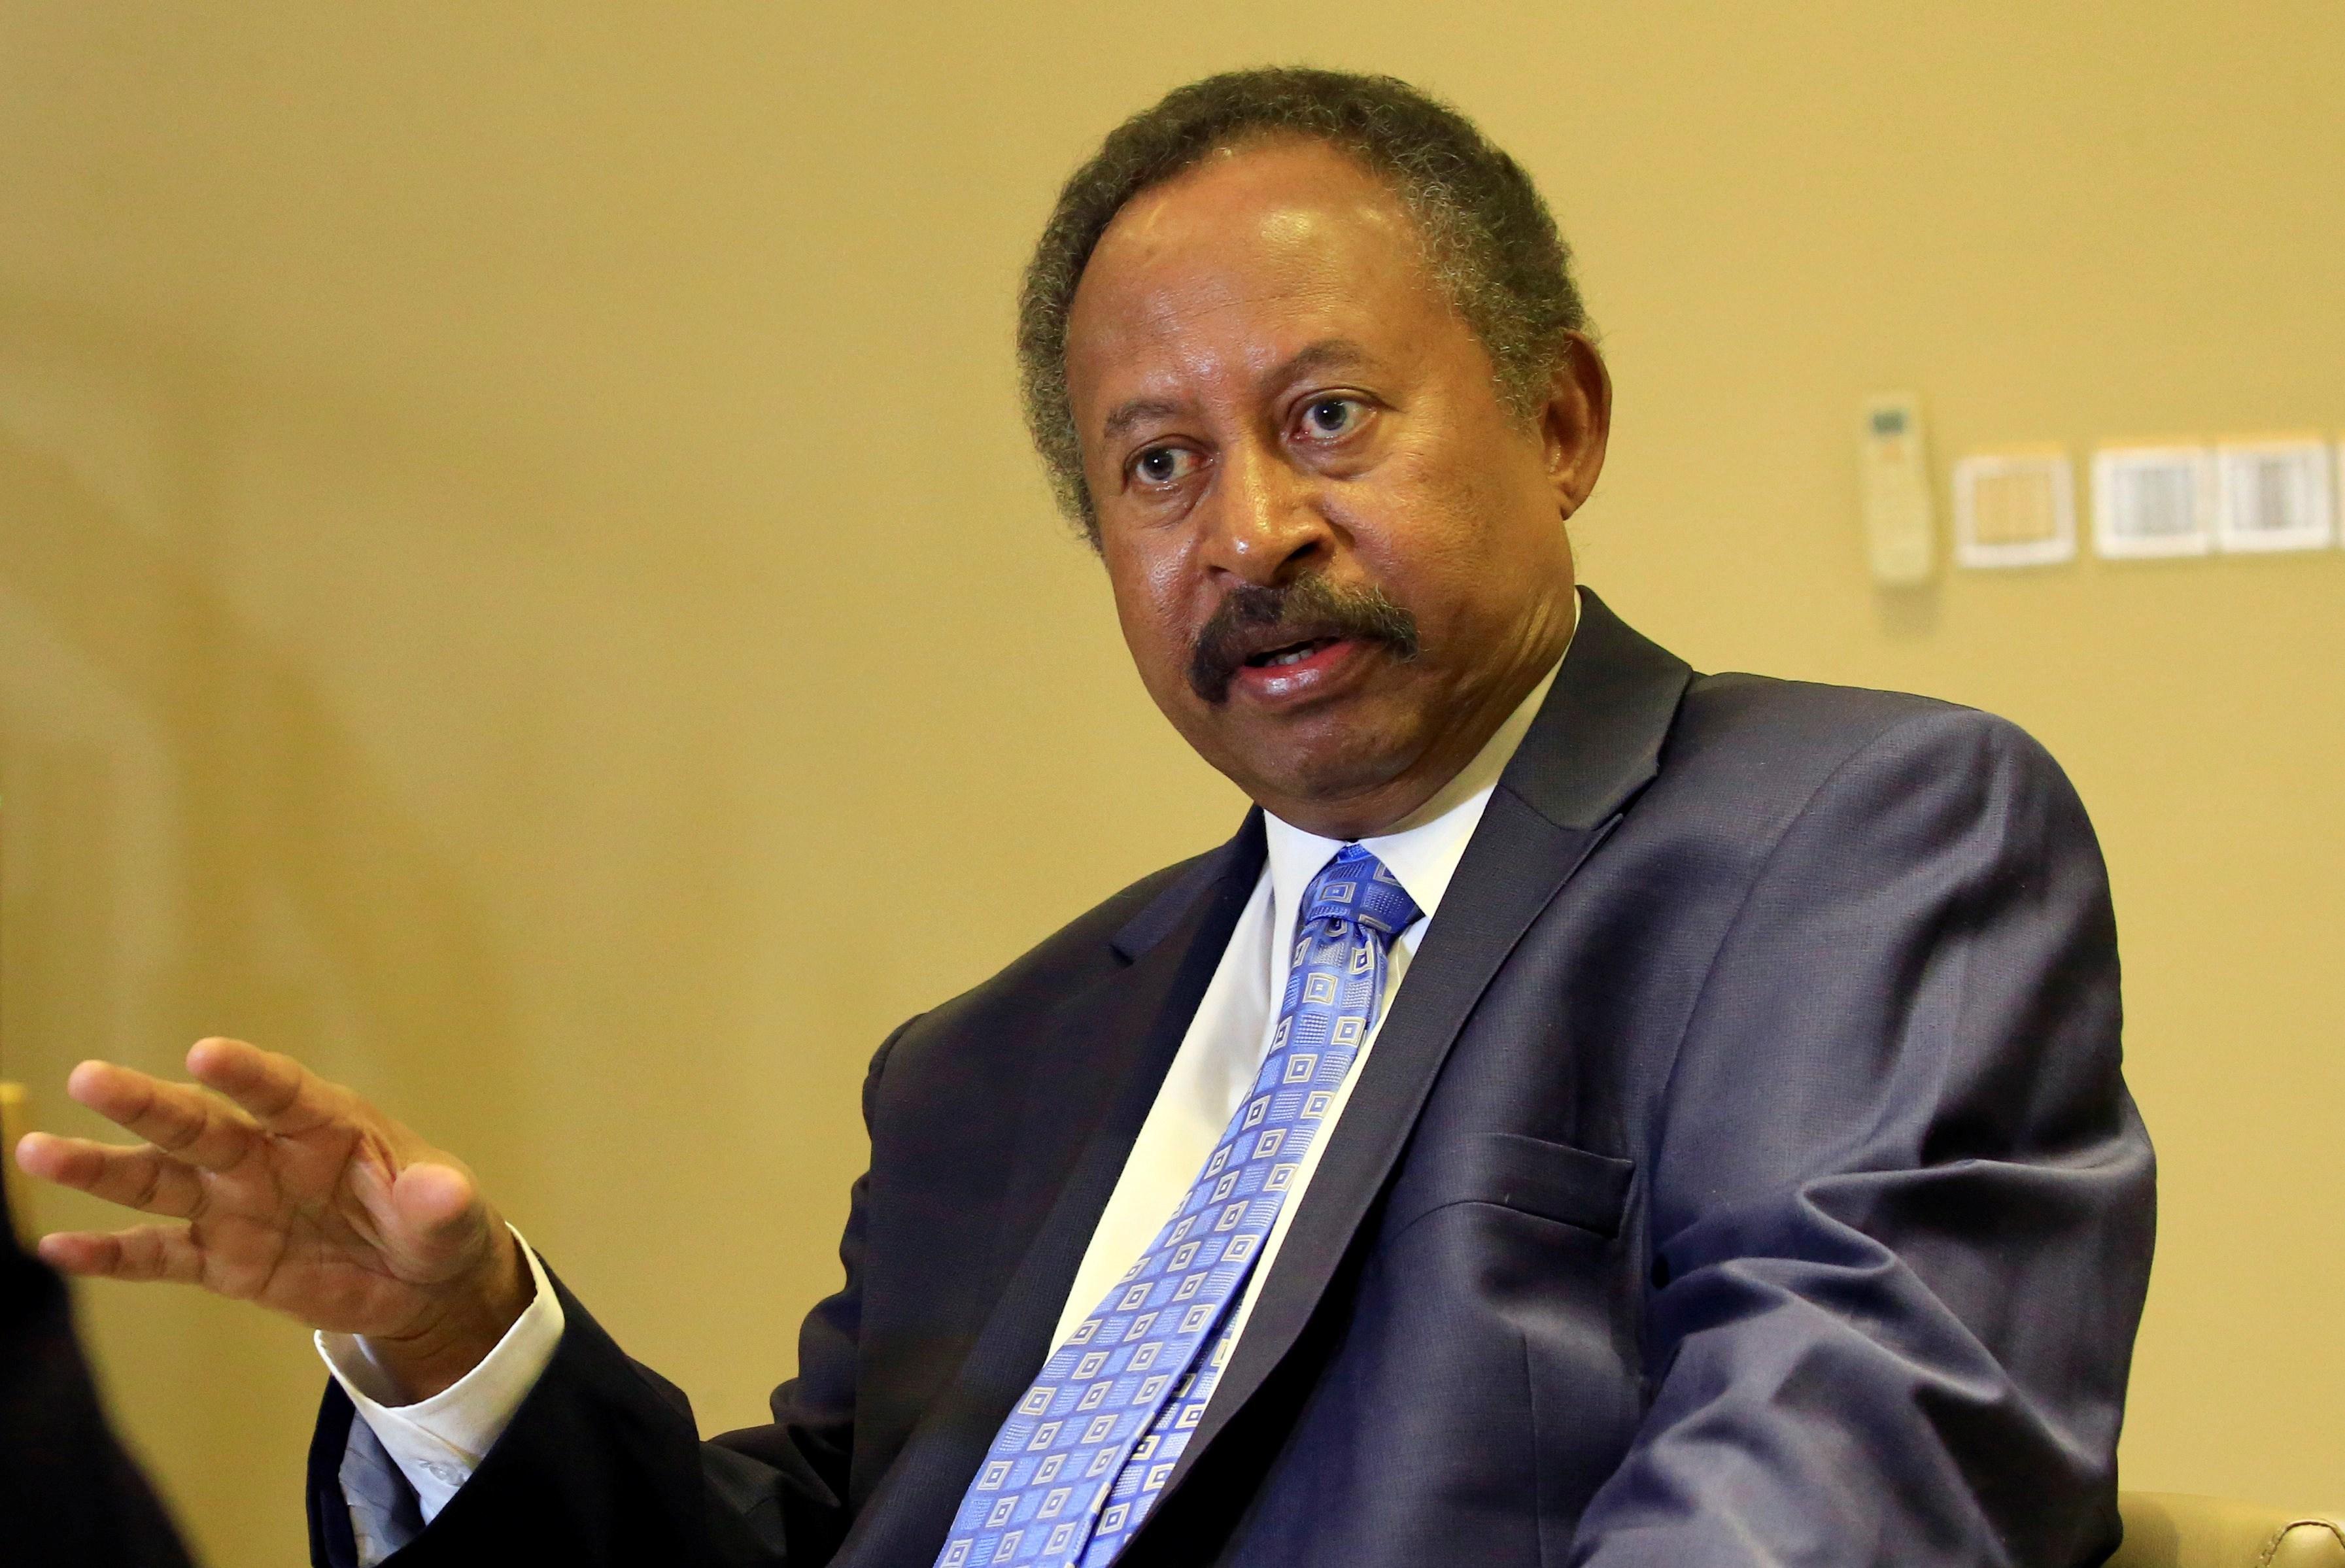 رئيس الوزراء السوداني يخصص 10% من عائدات الصادرات لاستيراد الأدوية